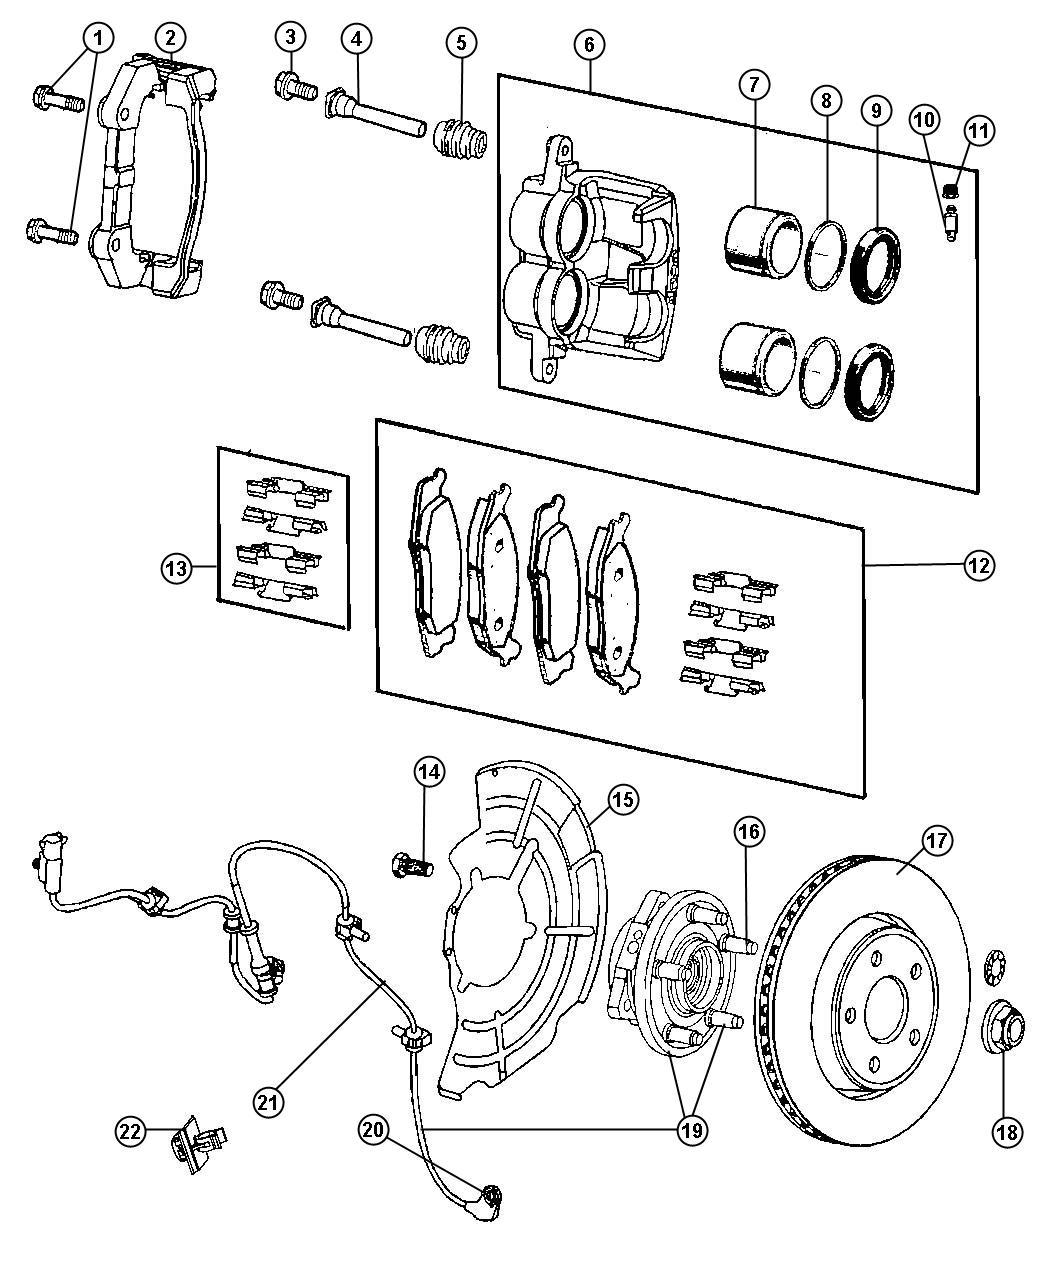 2004 Ford Explorer Front Ke Parts. 2004. Tractor Engine